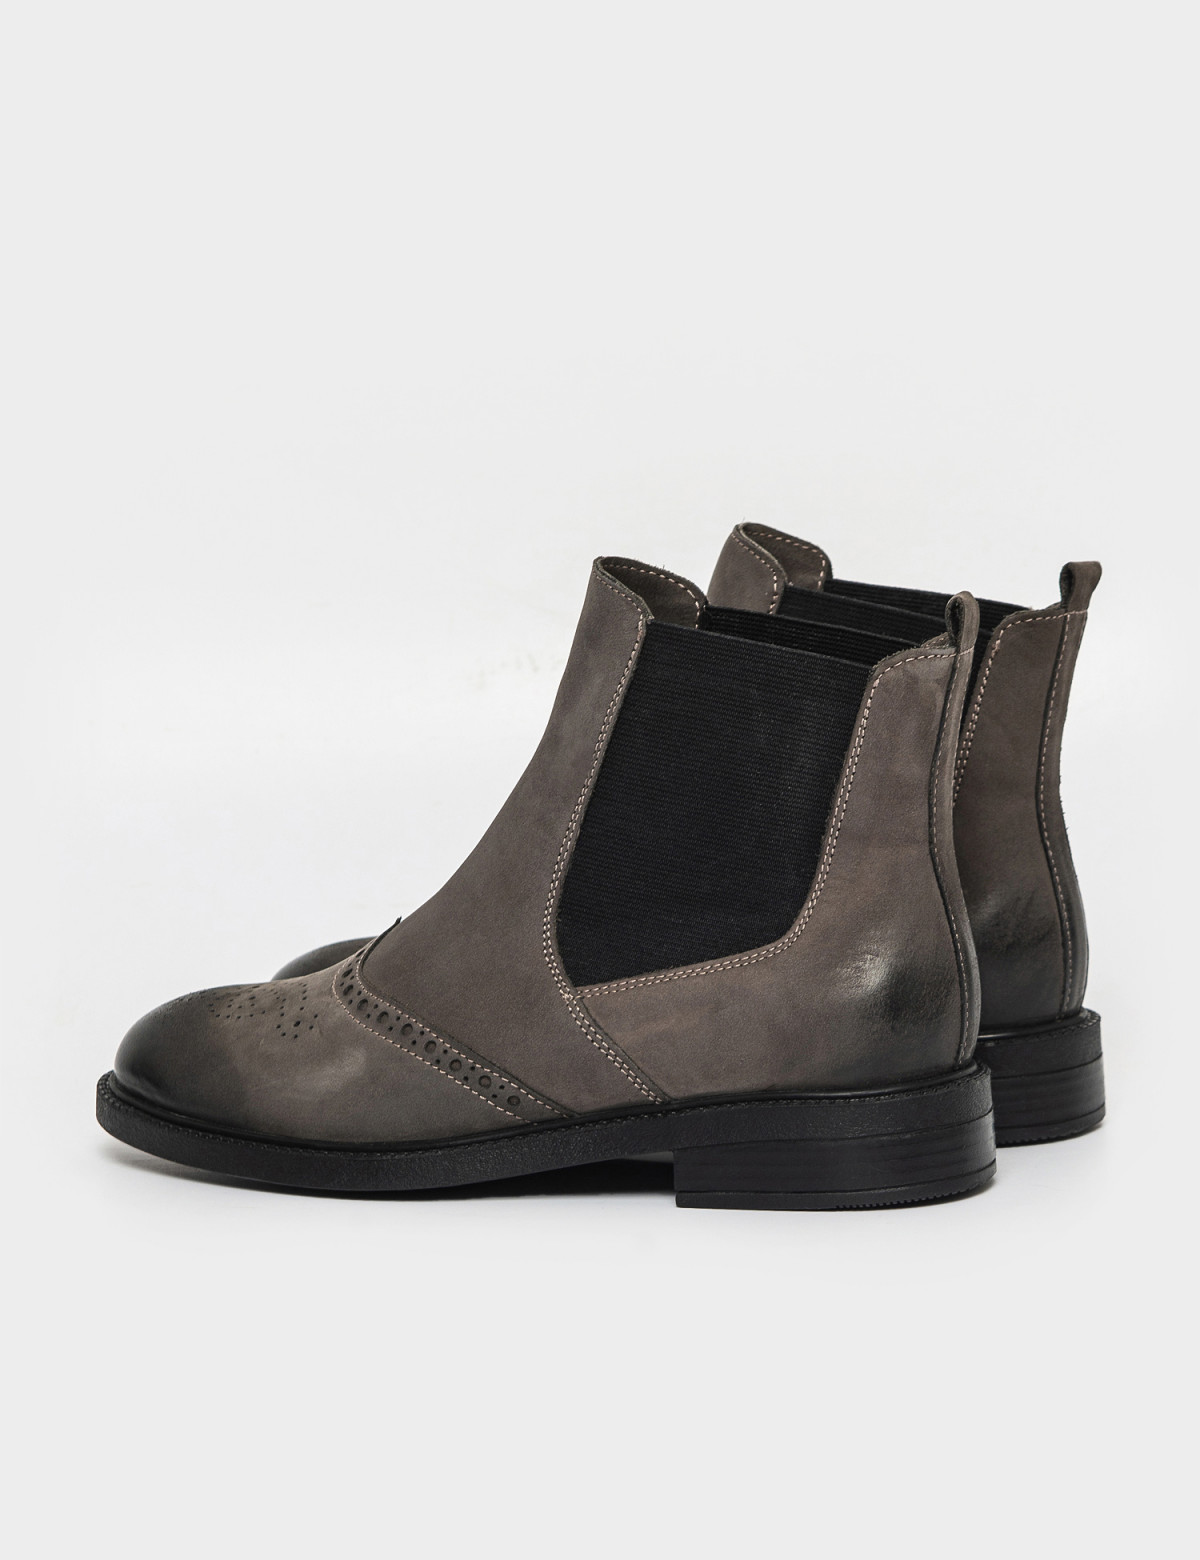 Ботинки серые. Натуральный нубук. Байка2